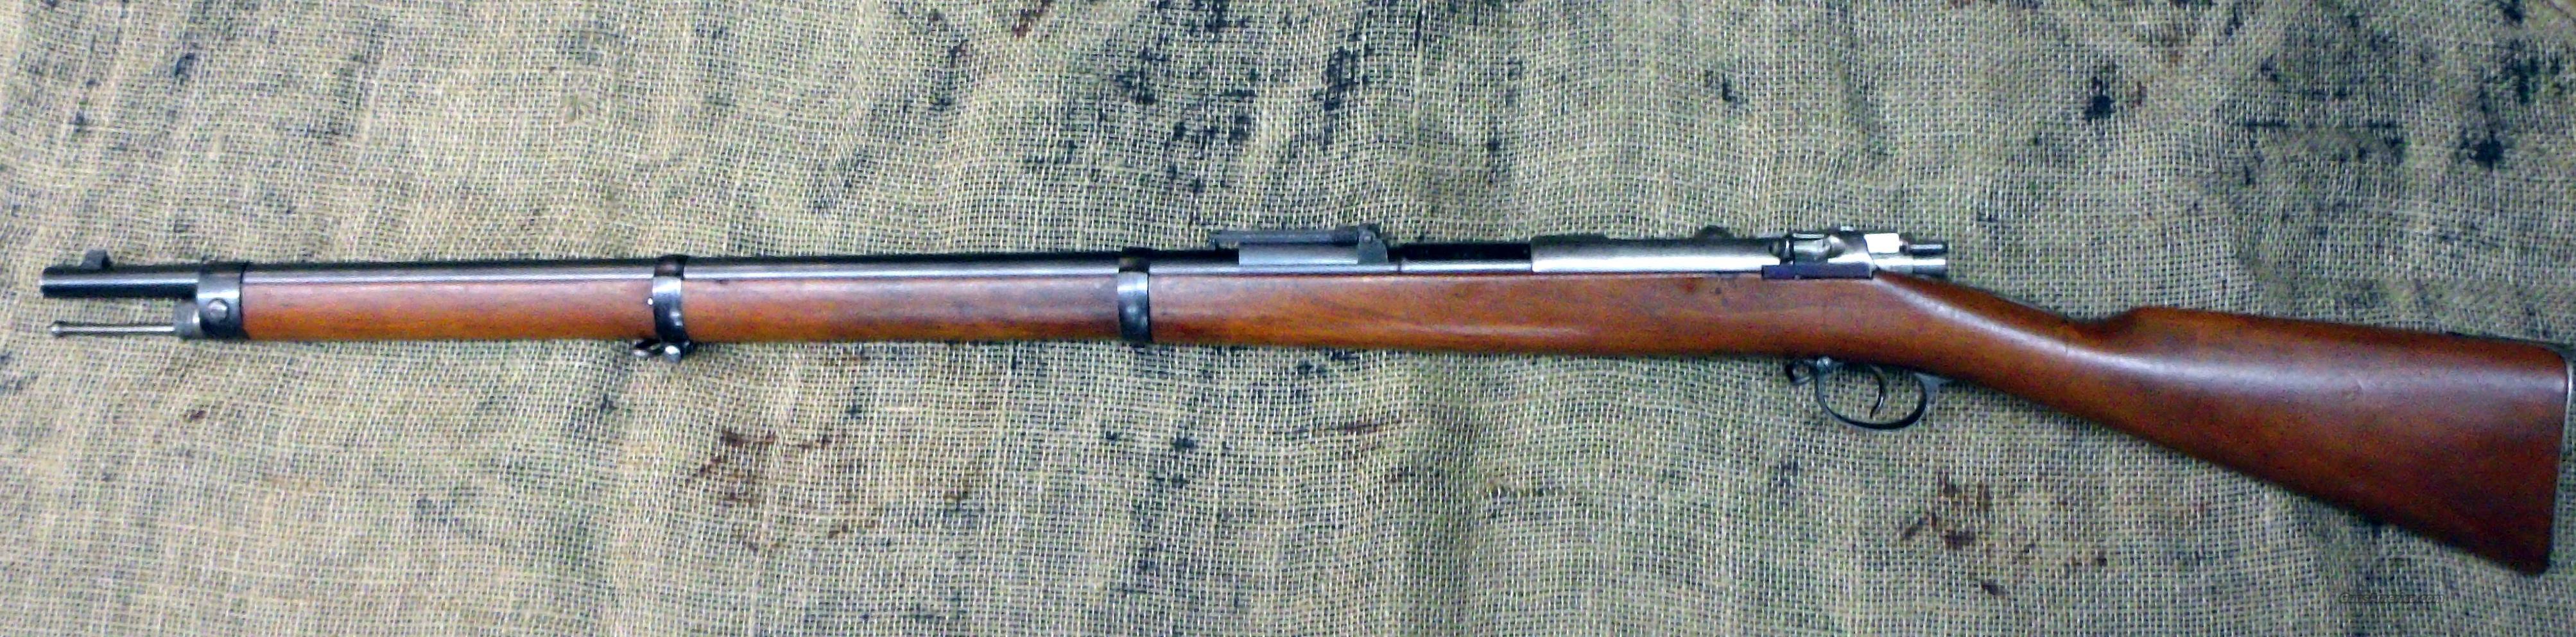 SOLD~~~ Mauser Model 1871 (ref # 831) Homestead Firearms ...